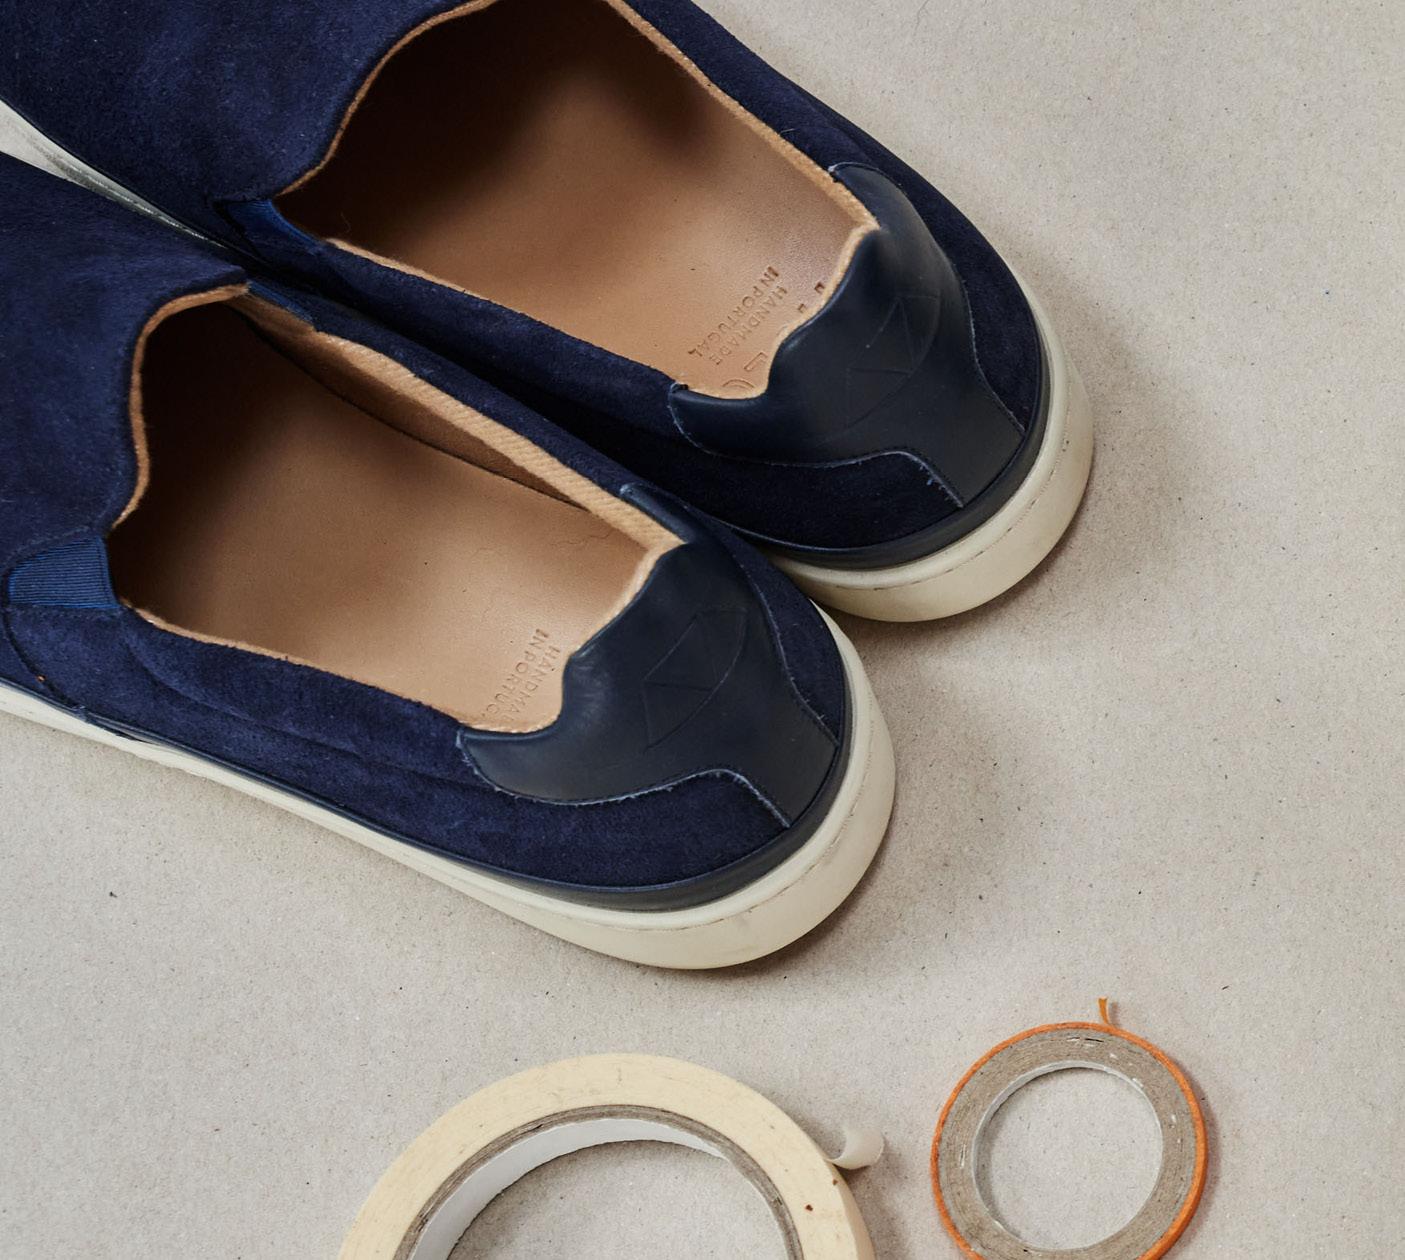 New Season - Navy Suede Slip-On Sneakers